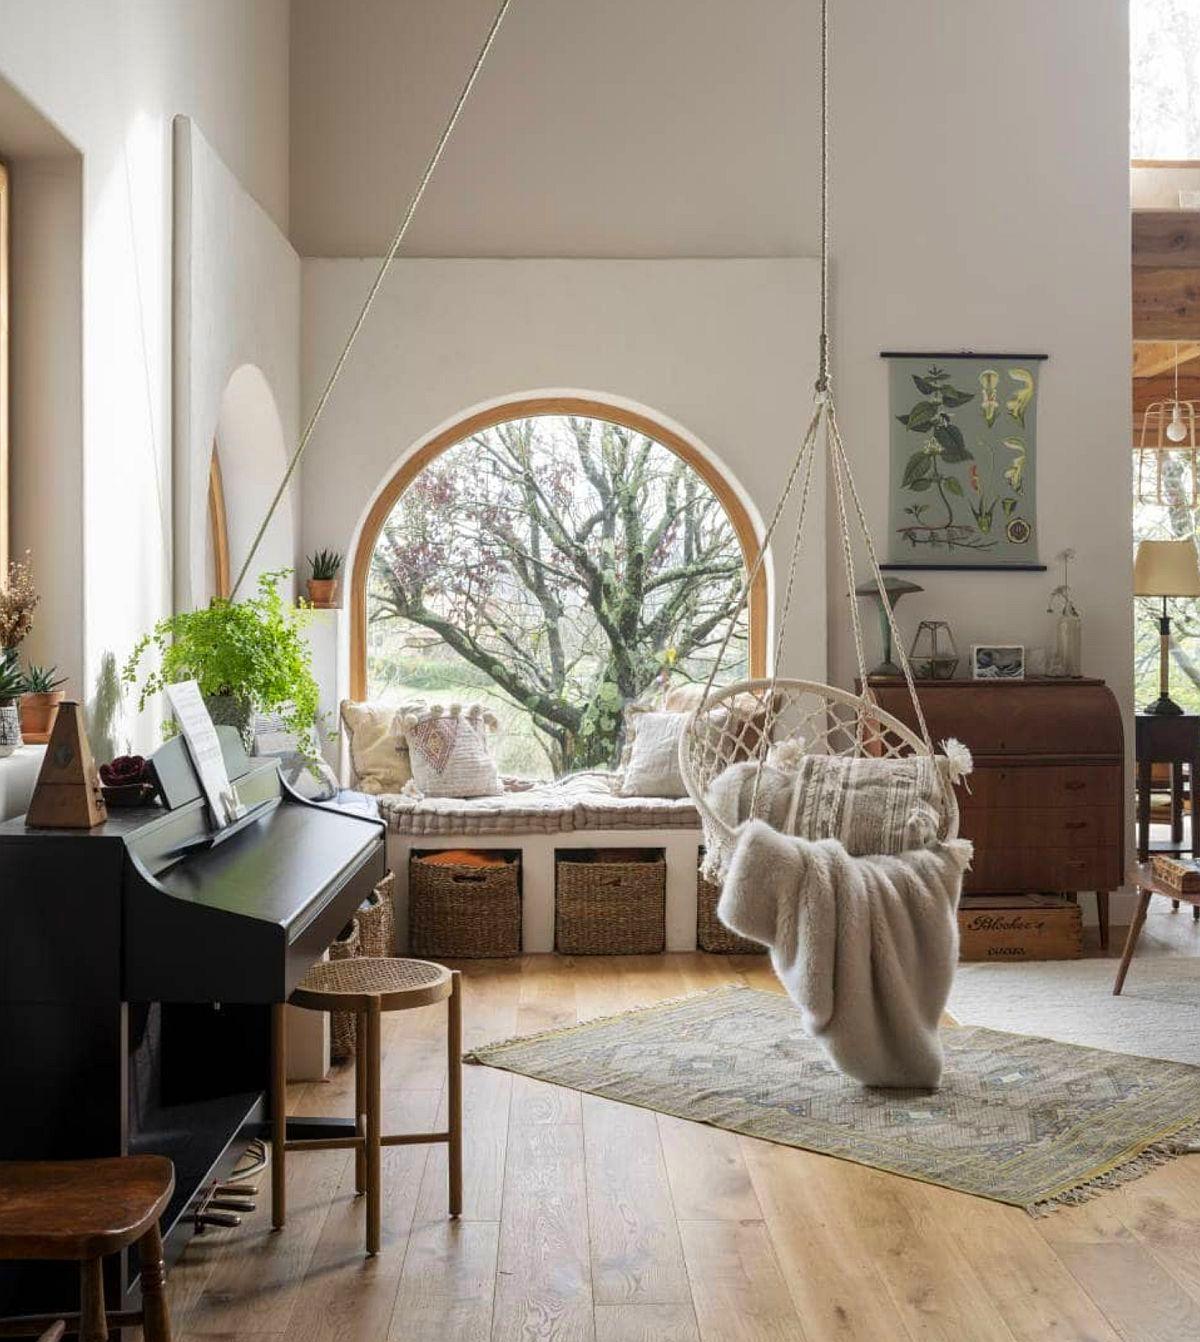 Una dintre ferestrele în arcadă se citește imediat de la intrarea în casă, ca atare, designerul a prevăzut ca locul să fie marcat fruos și printr-un artificiu arhitectural, respectiv ferestrele pe colț să fie încadrate de o structură care să le pună în evidență, dar să le și raporteze la înălțimea umană în relație cu tavanul înalt din zonă. Prezența pianinei vorbește despre preocupările proprietarilor, un instrument care înlocuiește practic locul de tv.